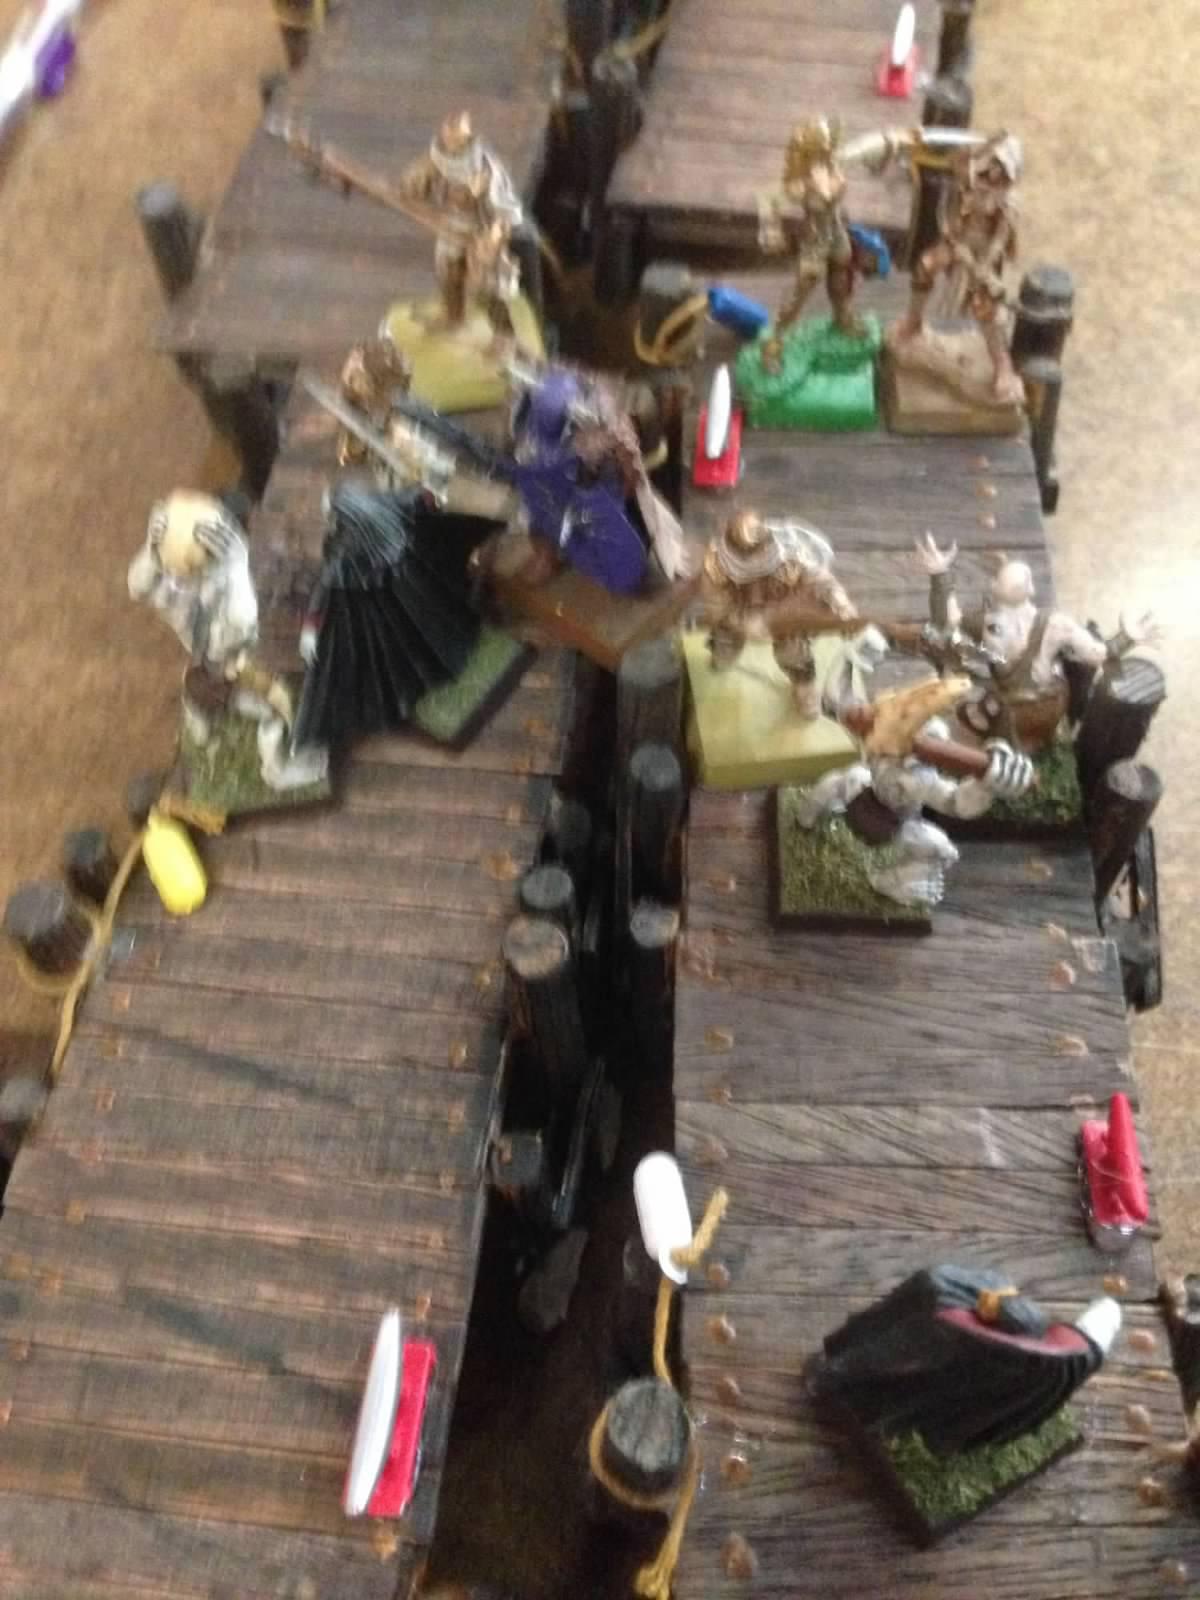 The Bride of the Mummy 47a6d604b3127cce985487a892af00000030100AbOXDRkzbMmWA